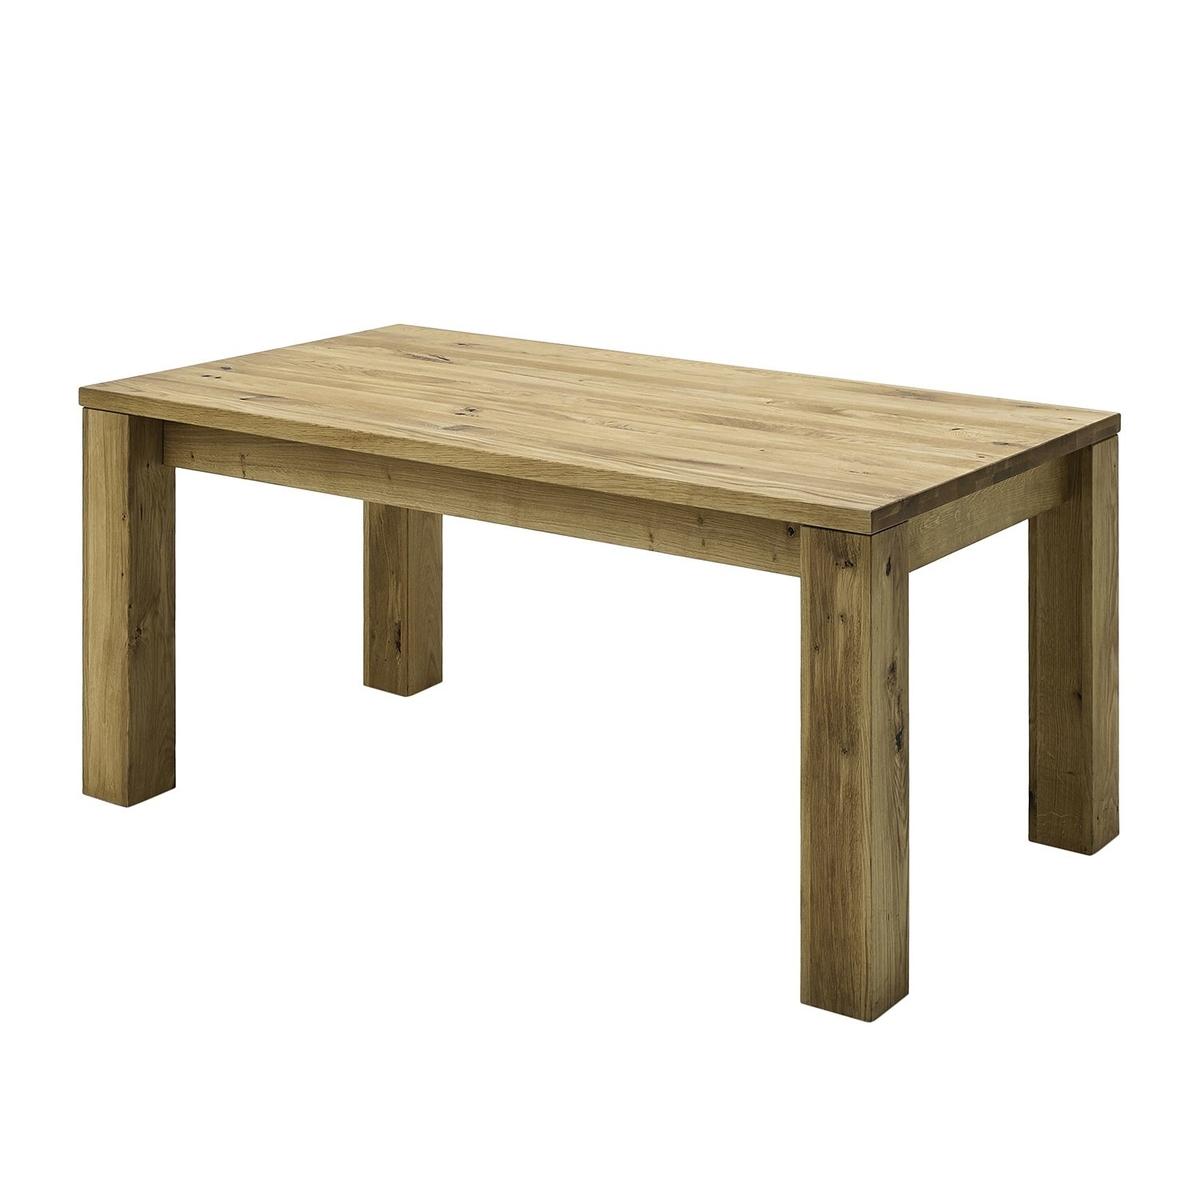 Esstisch mit Gestellauszug Lissy aus Massivholz, Bild 4